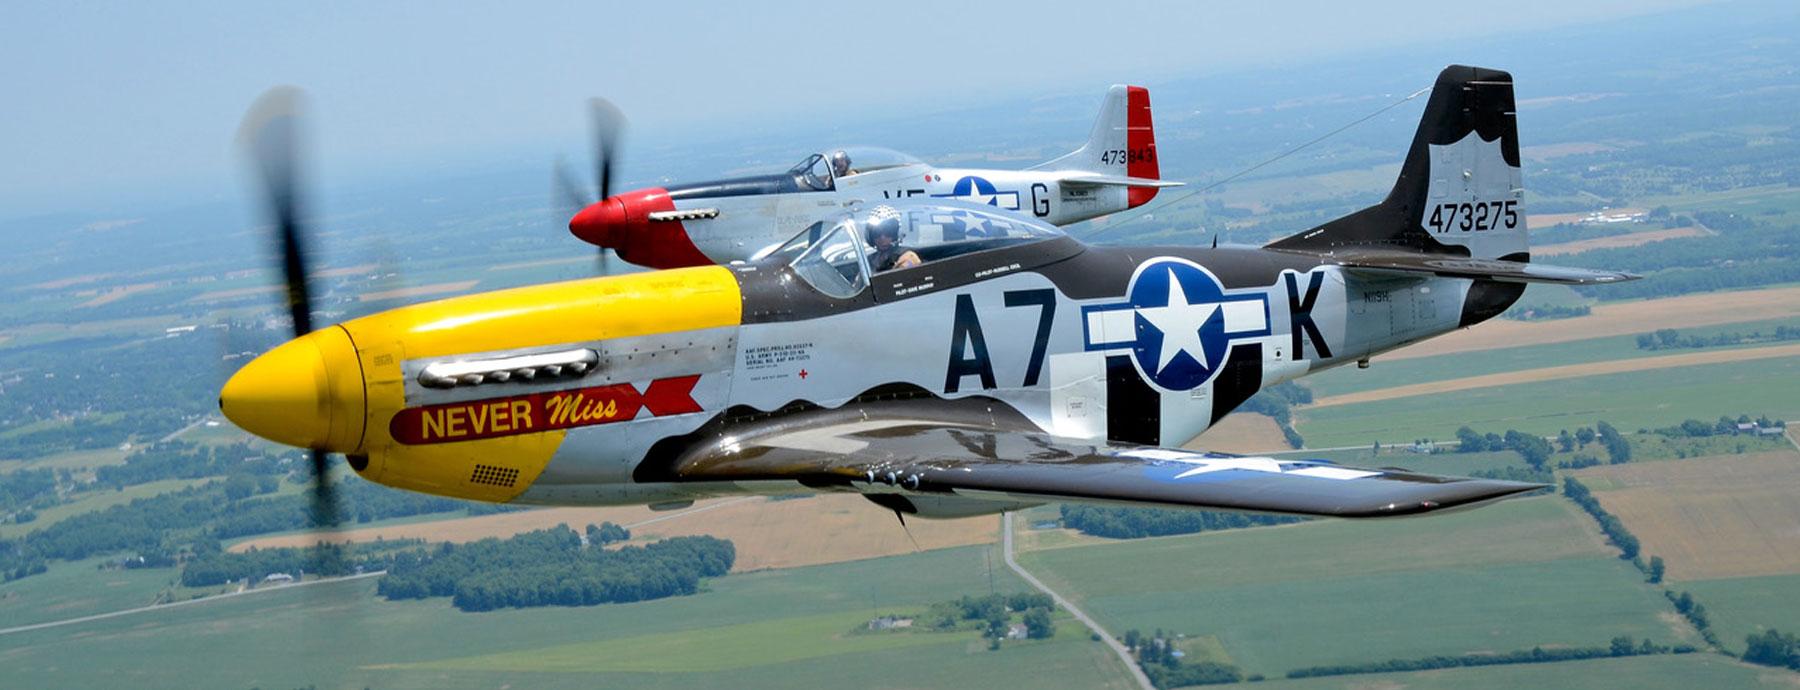 P-51s by Jack Tyson